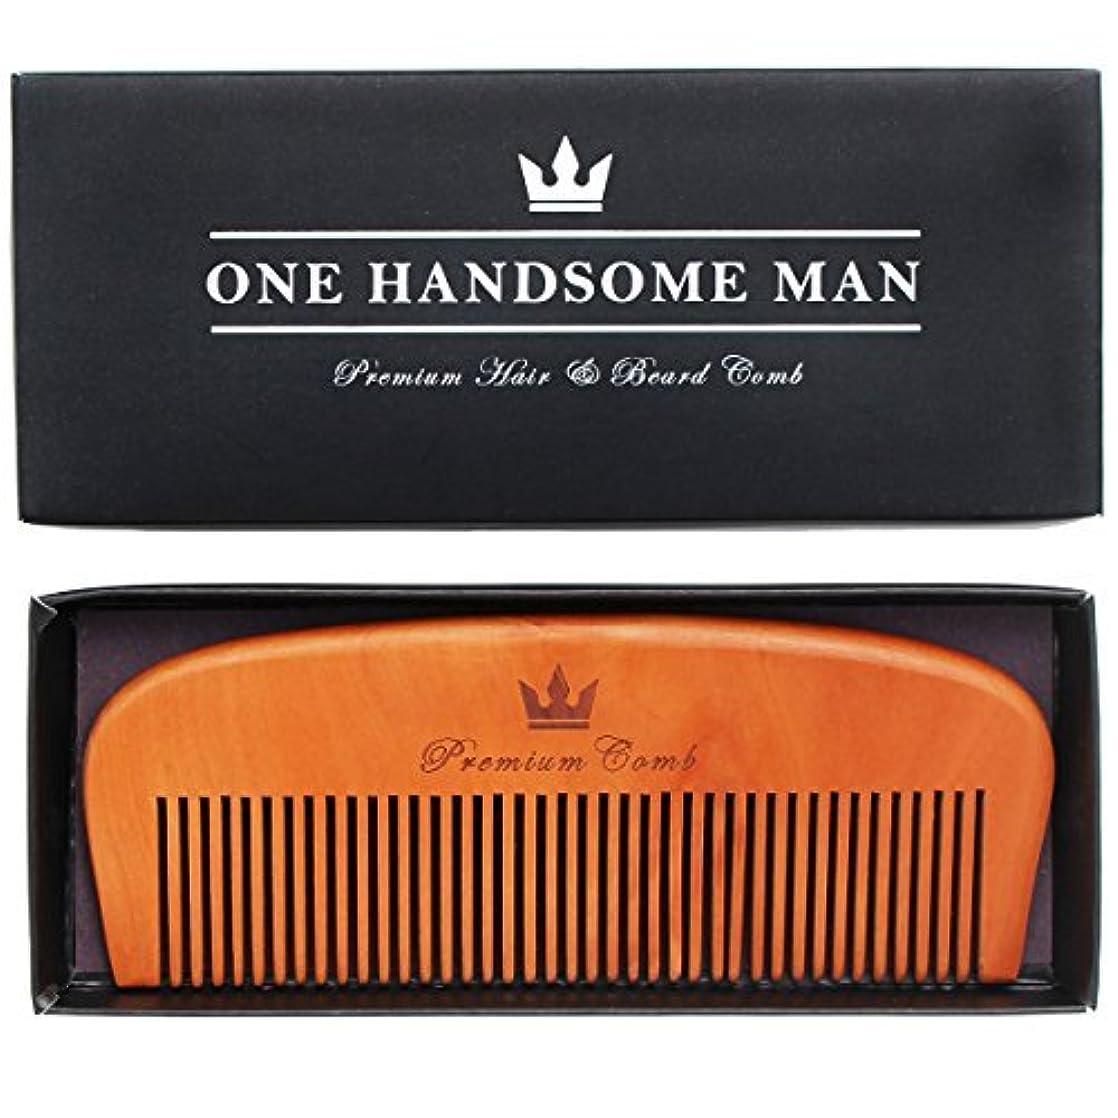 過激派山積みの最小Premium Hair and Beard Comb - Quality Design with Gift Box. Perfect for Beards, Mustaches, or Head Hair. [並行輸入品]